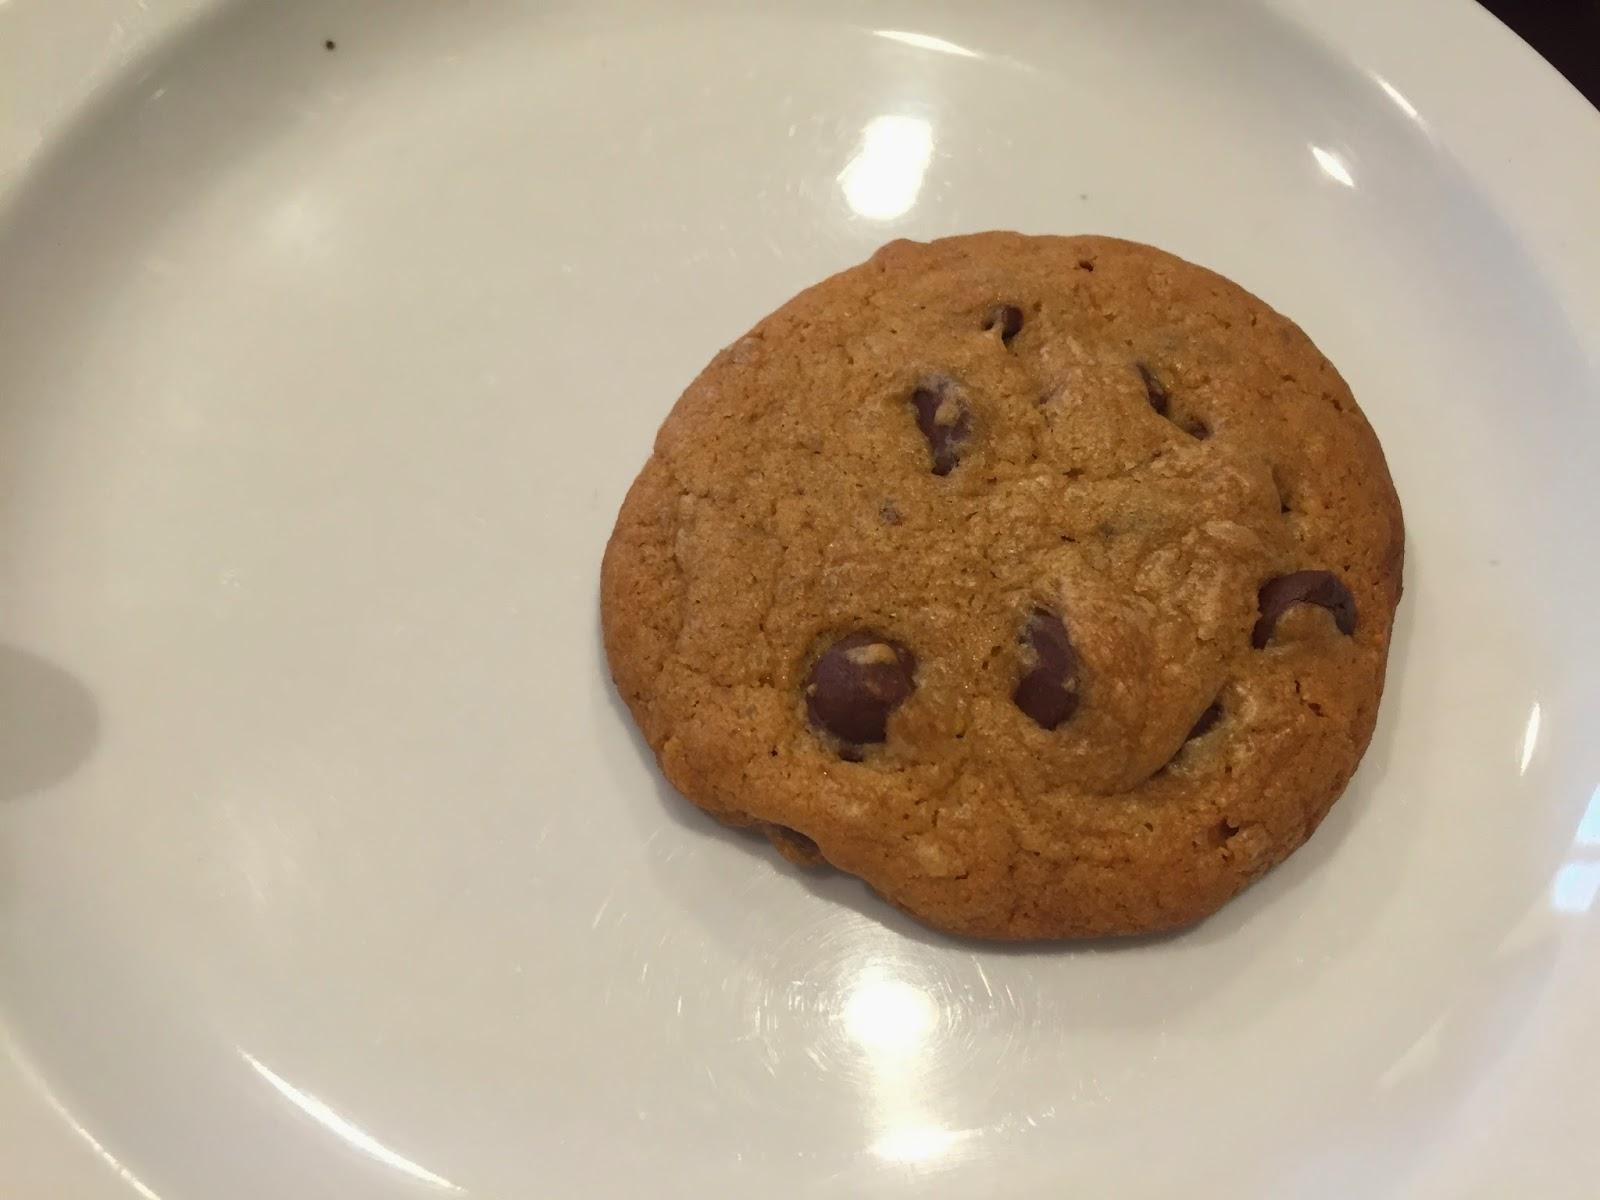 vegan chocolate chip cookie, vegan cookie, coconut oil, chickpea flour, egg substitute